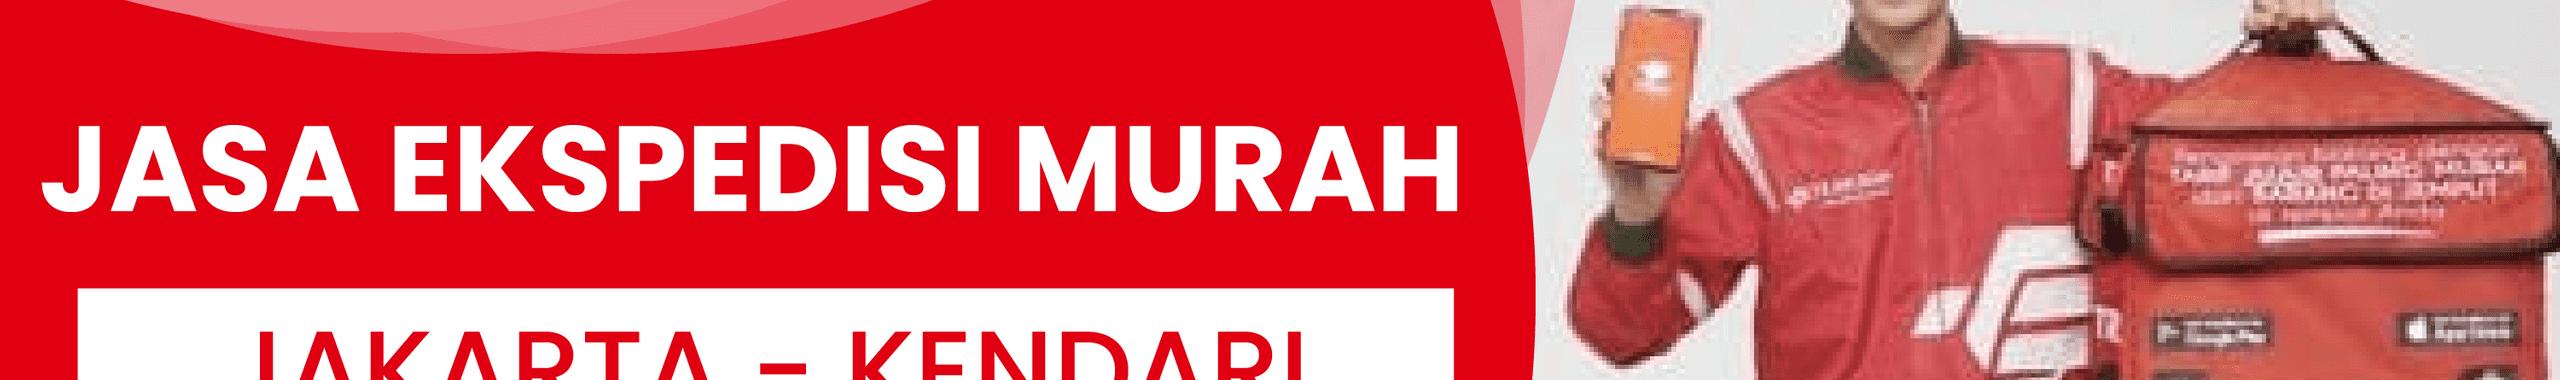 Jaminan Jasa Cargo Termurah dari Jakarta ke Kendari